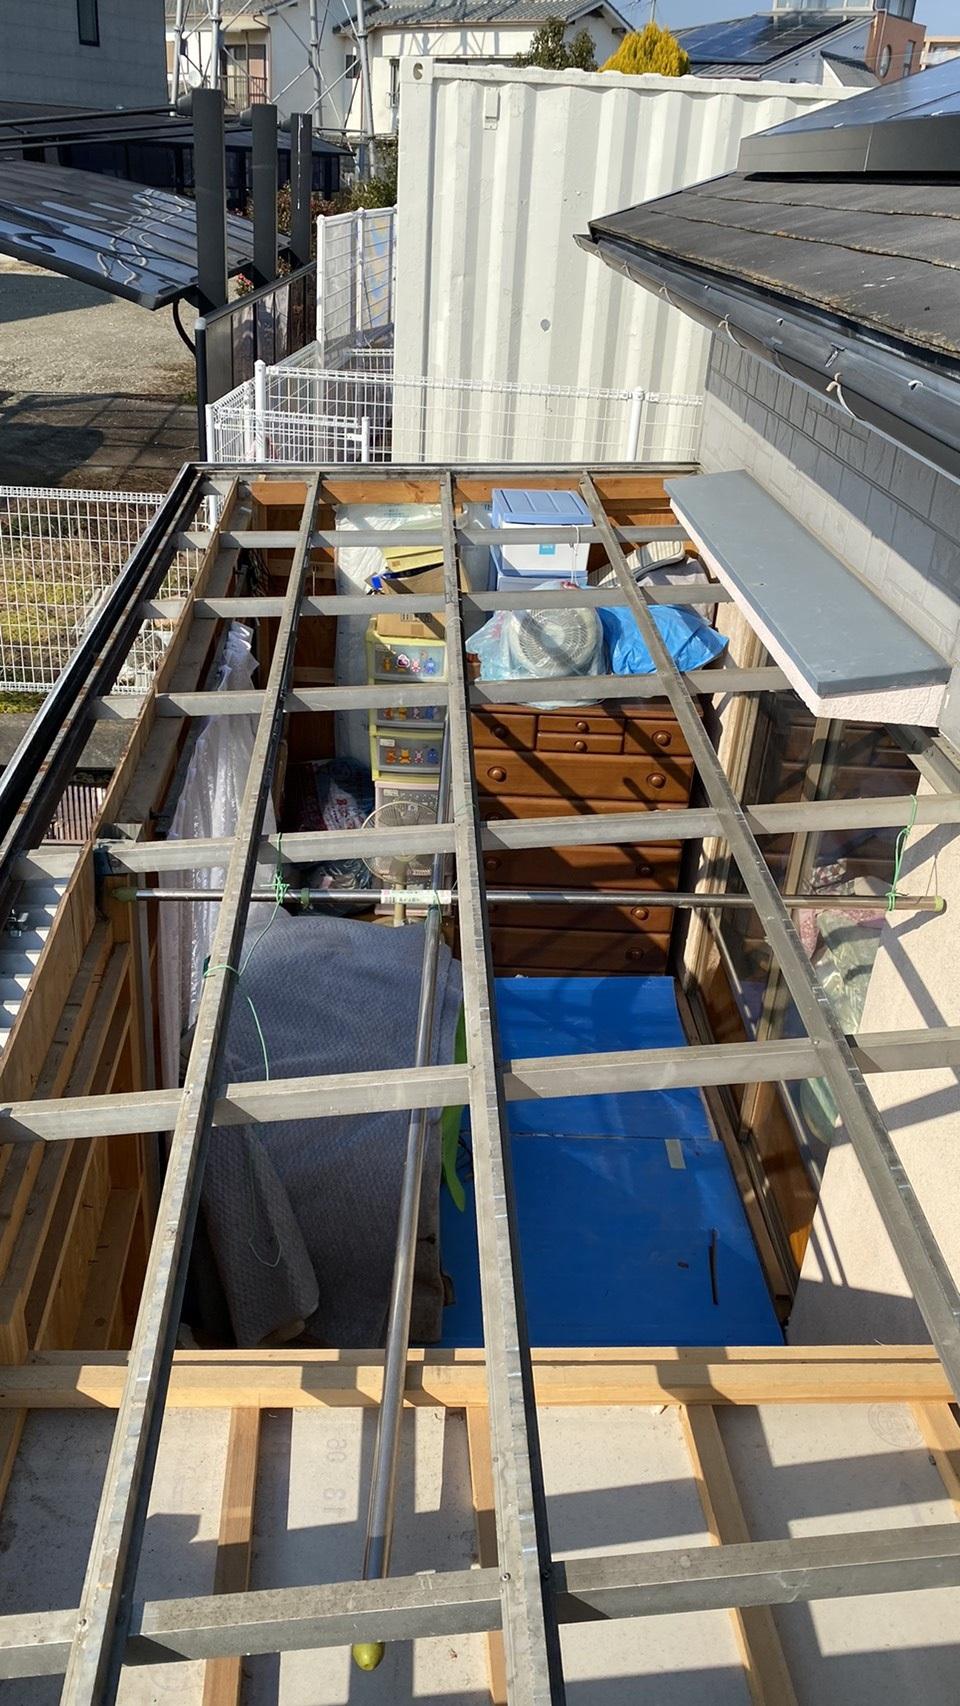 明石市でポリカ波板を貼るために錆びたトタン屋根を撤去した様子